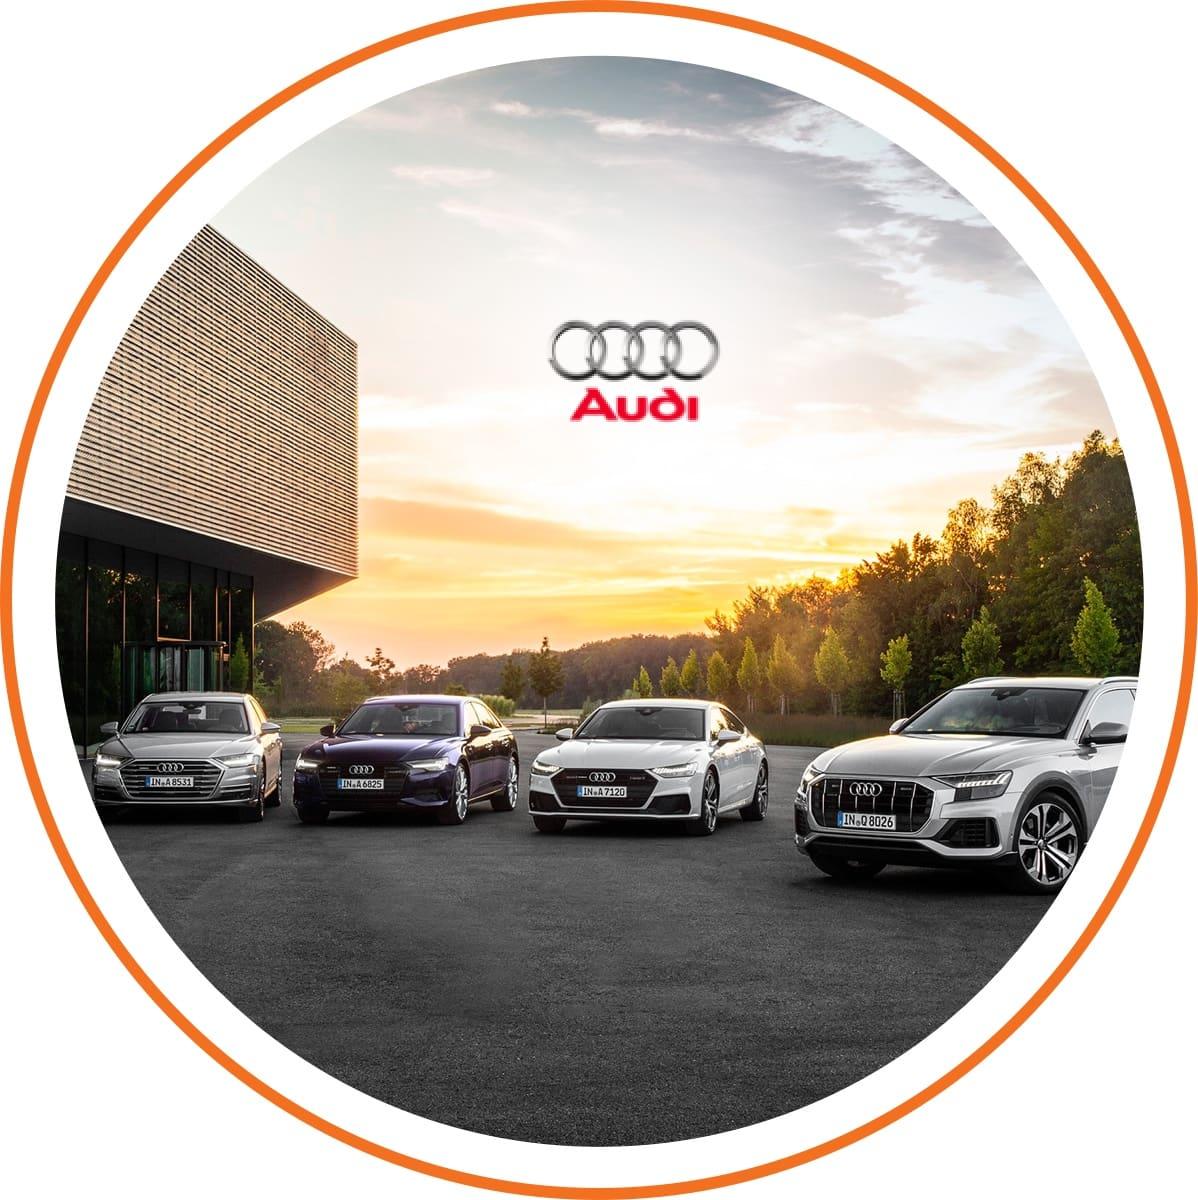 Čelné sklo Audi - Oprava a výmena autoskla